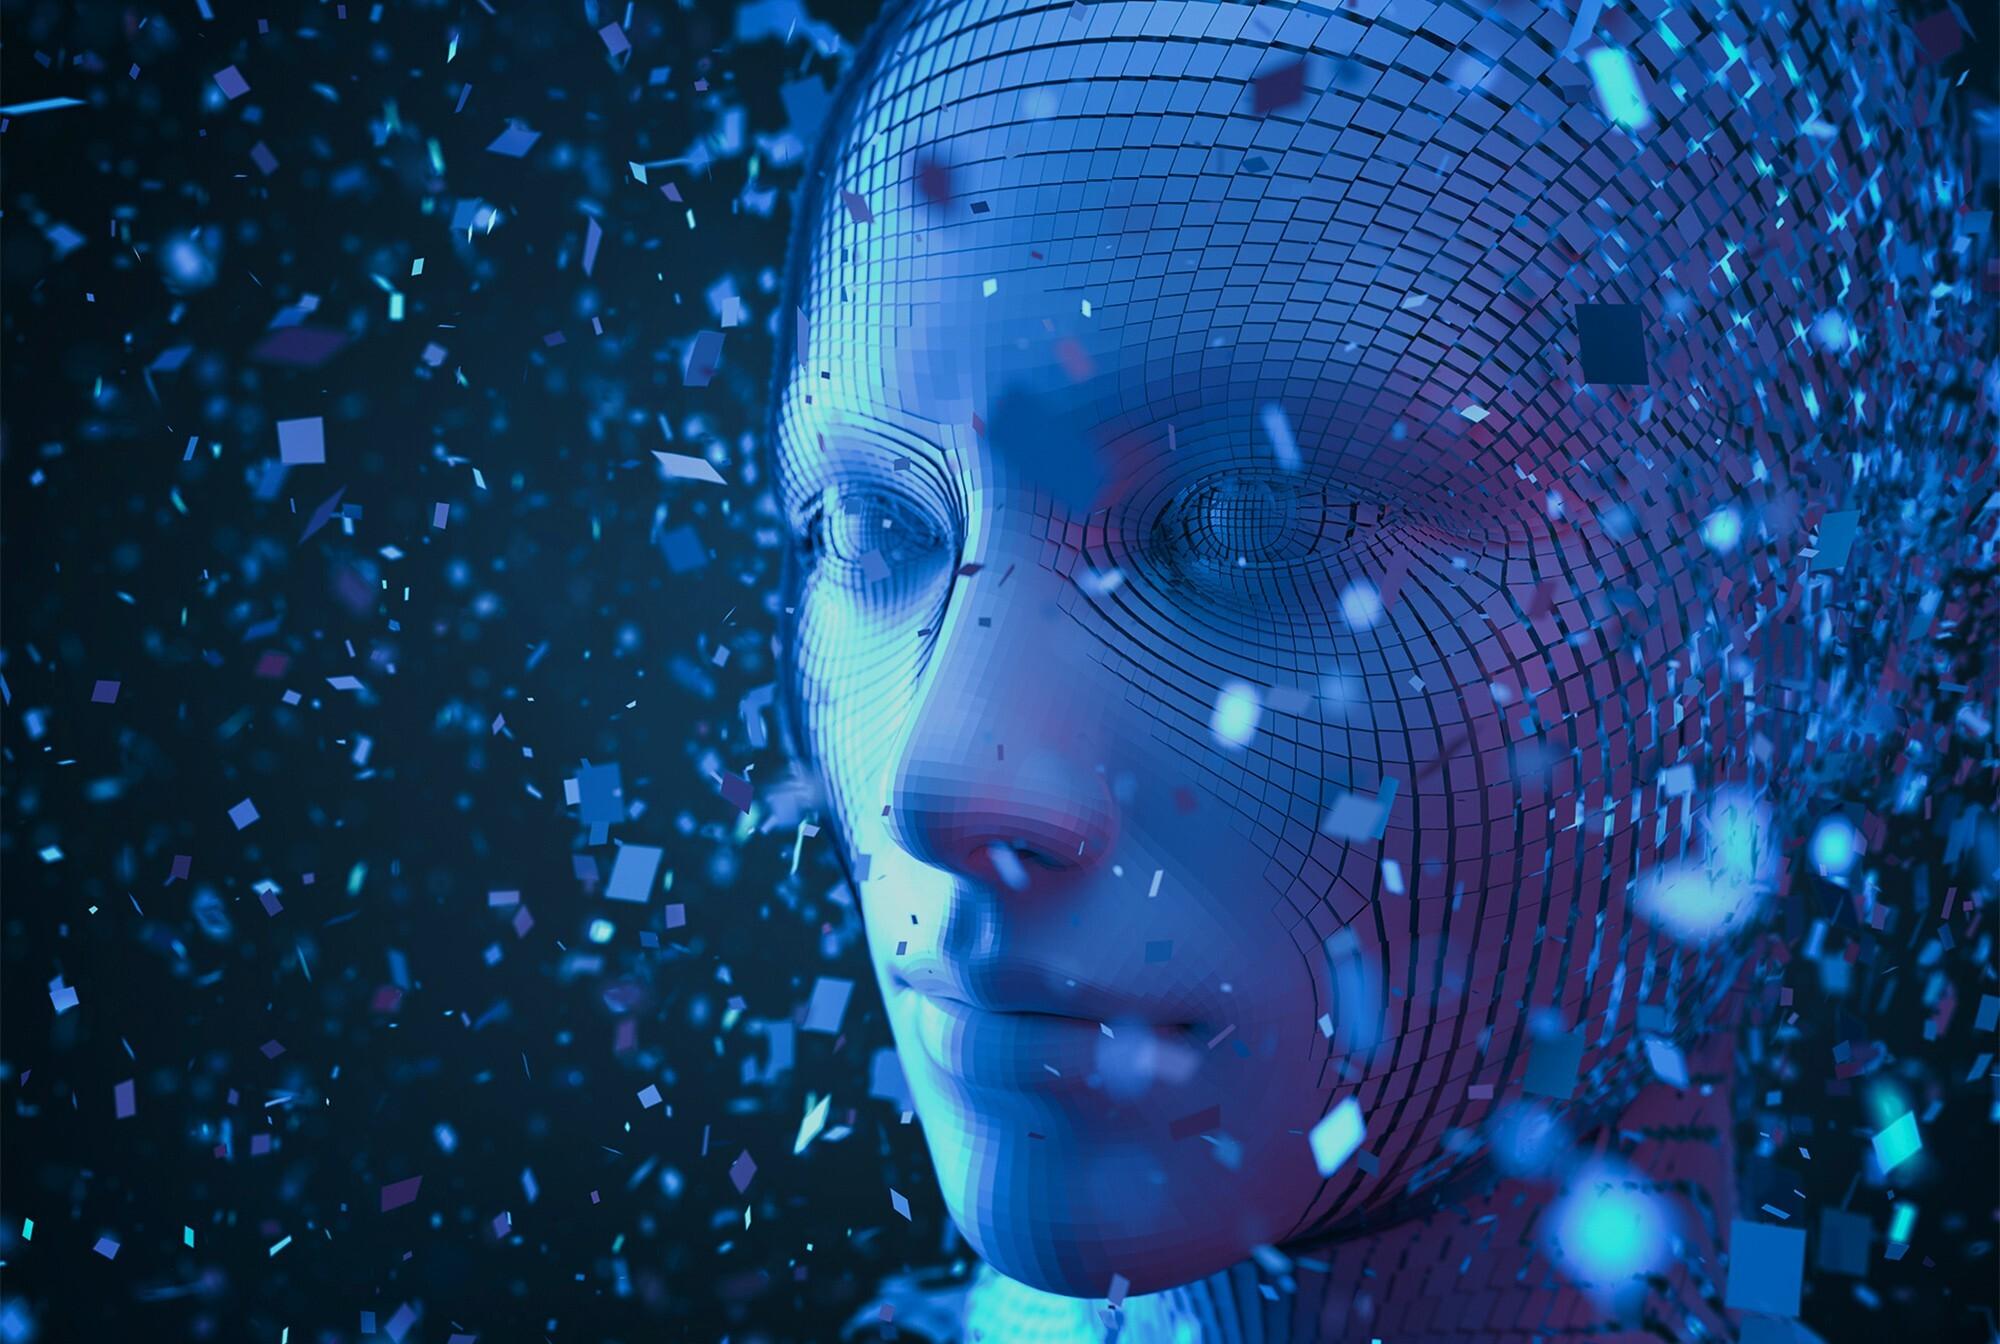 ООН потребовала от всех государств контроля за искусственным интеллектом